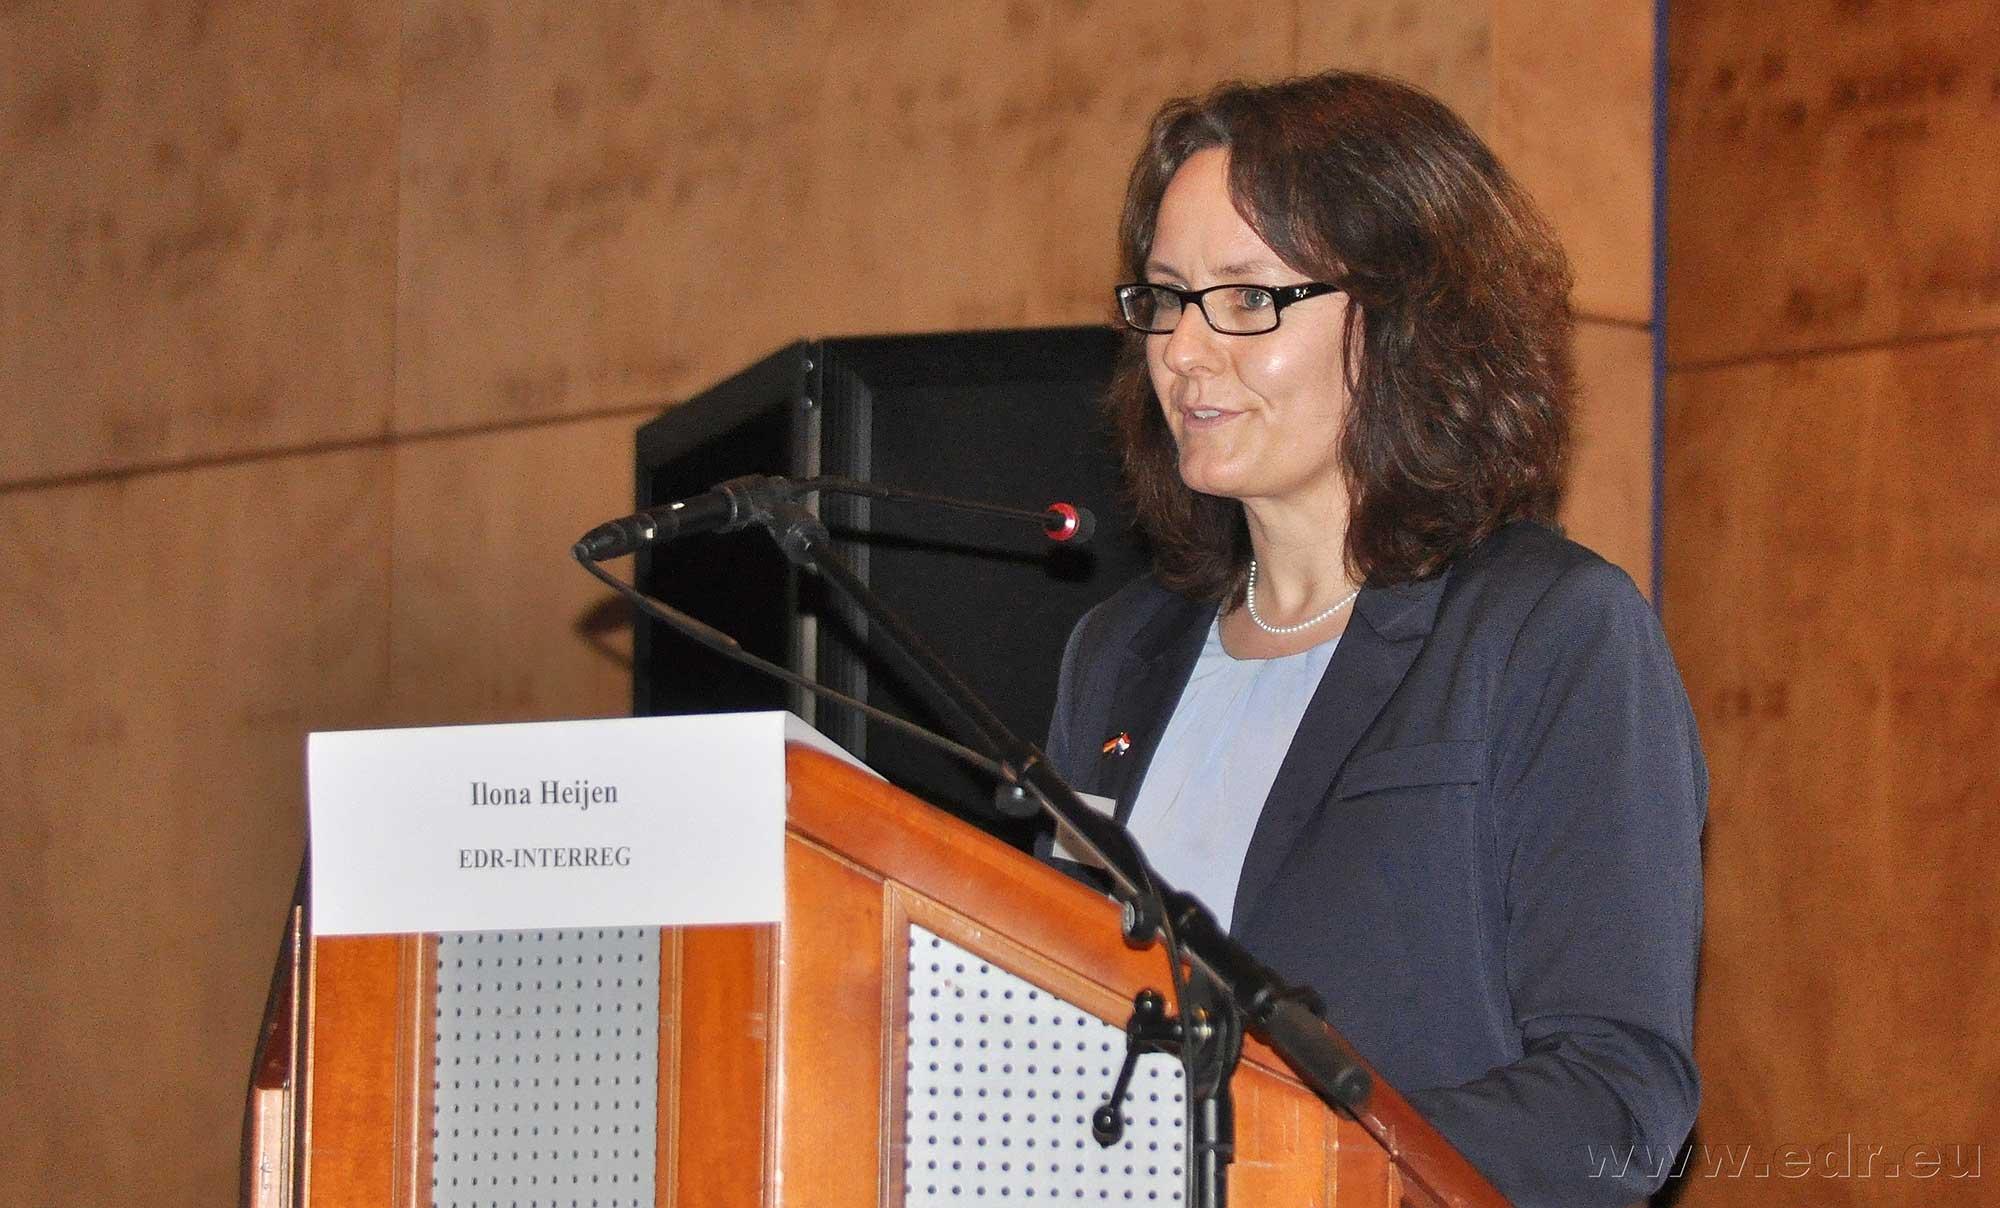 Ilona Heijen